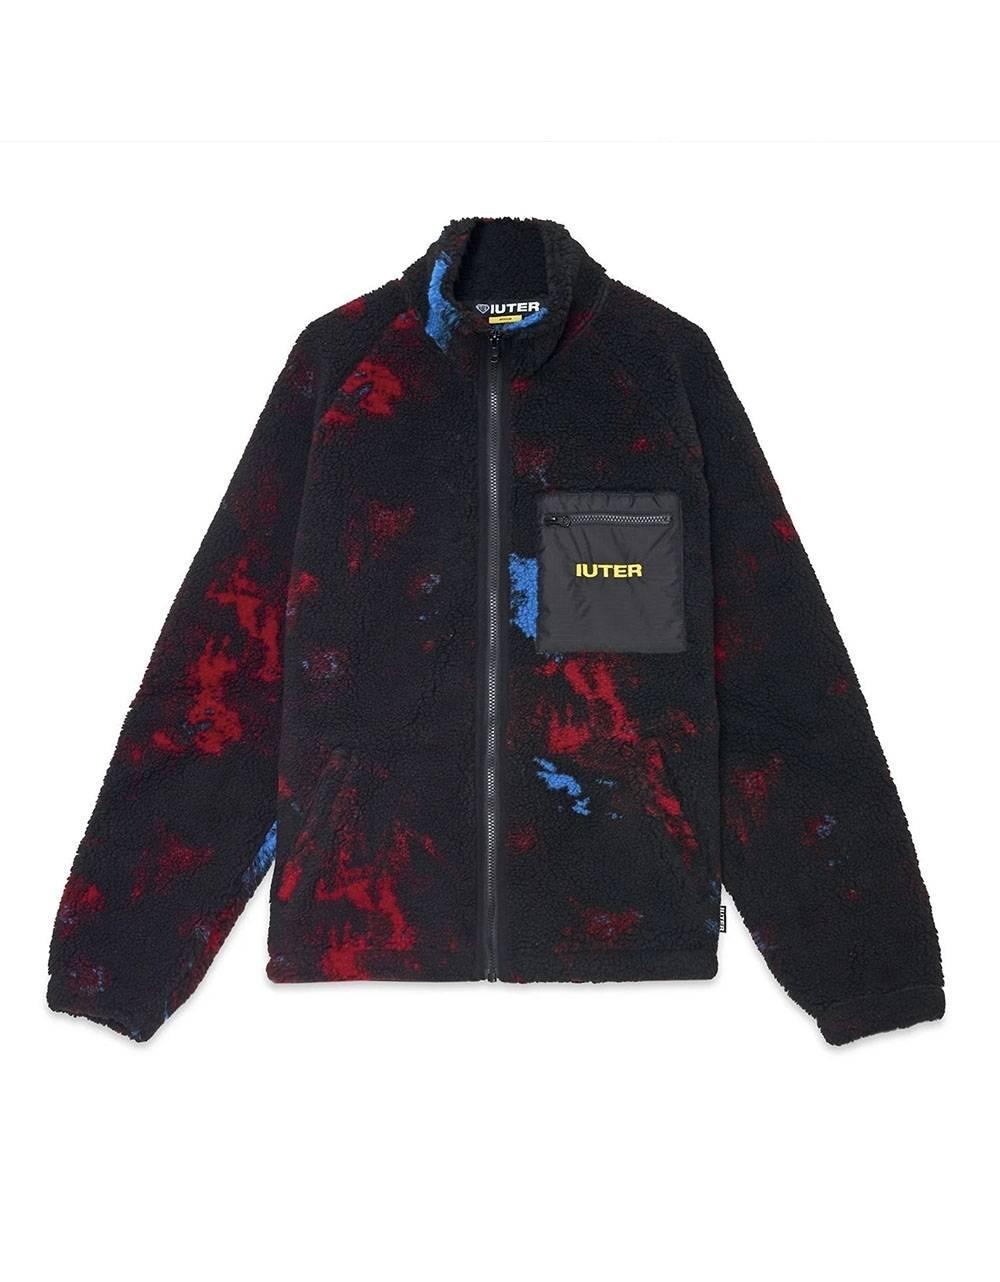 Iuter Tie dye fur zip neck collar sweatshier - Multicolor IUTER Sweater 138,52€